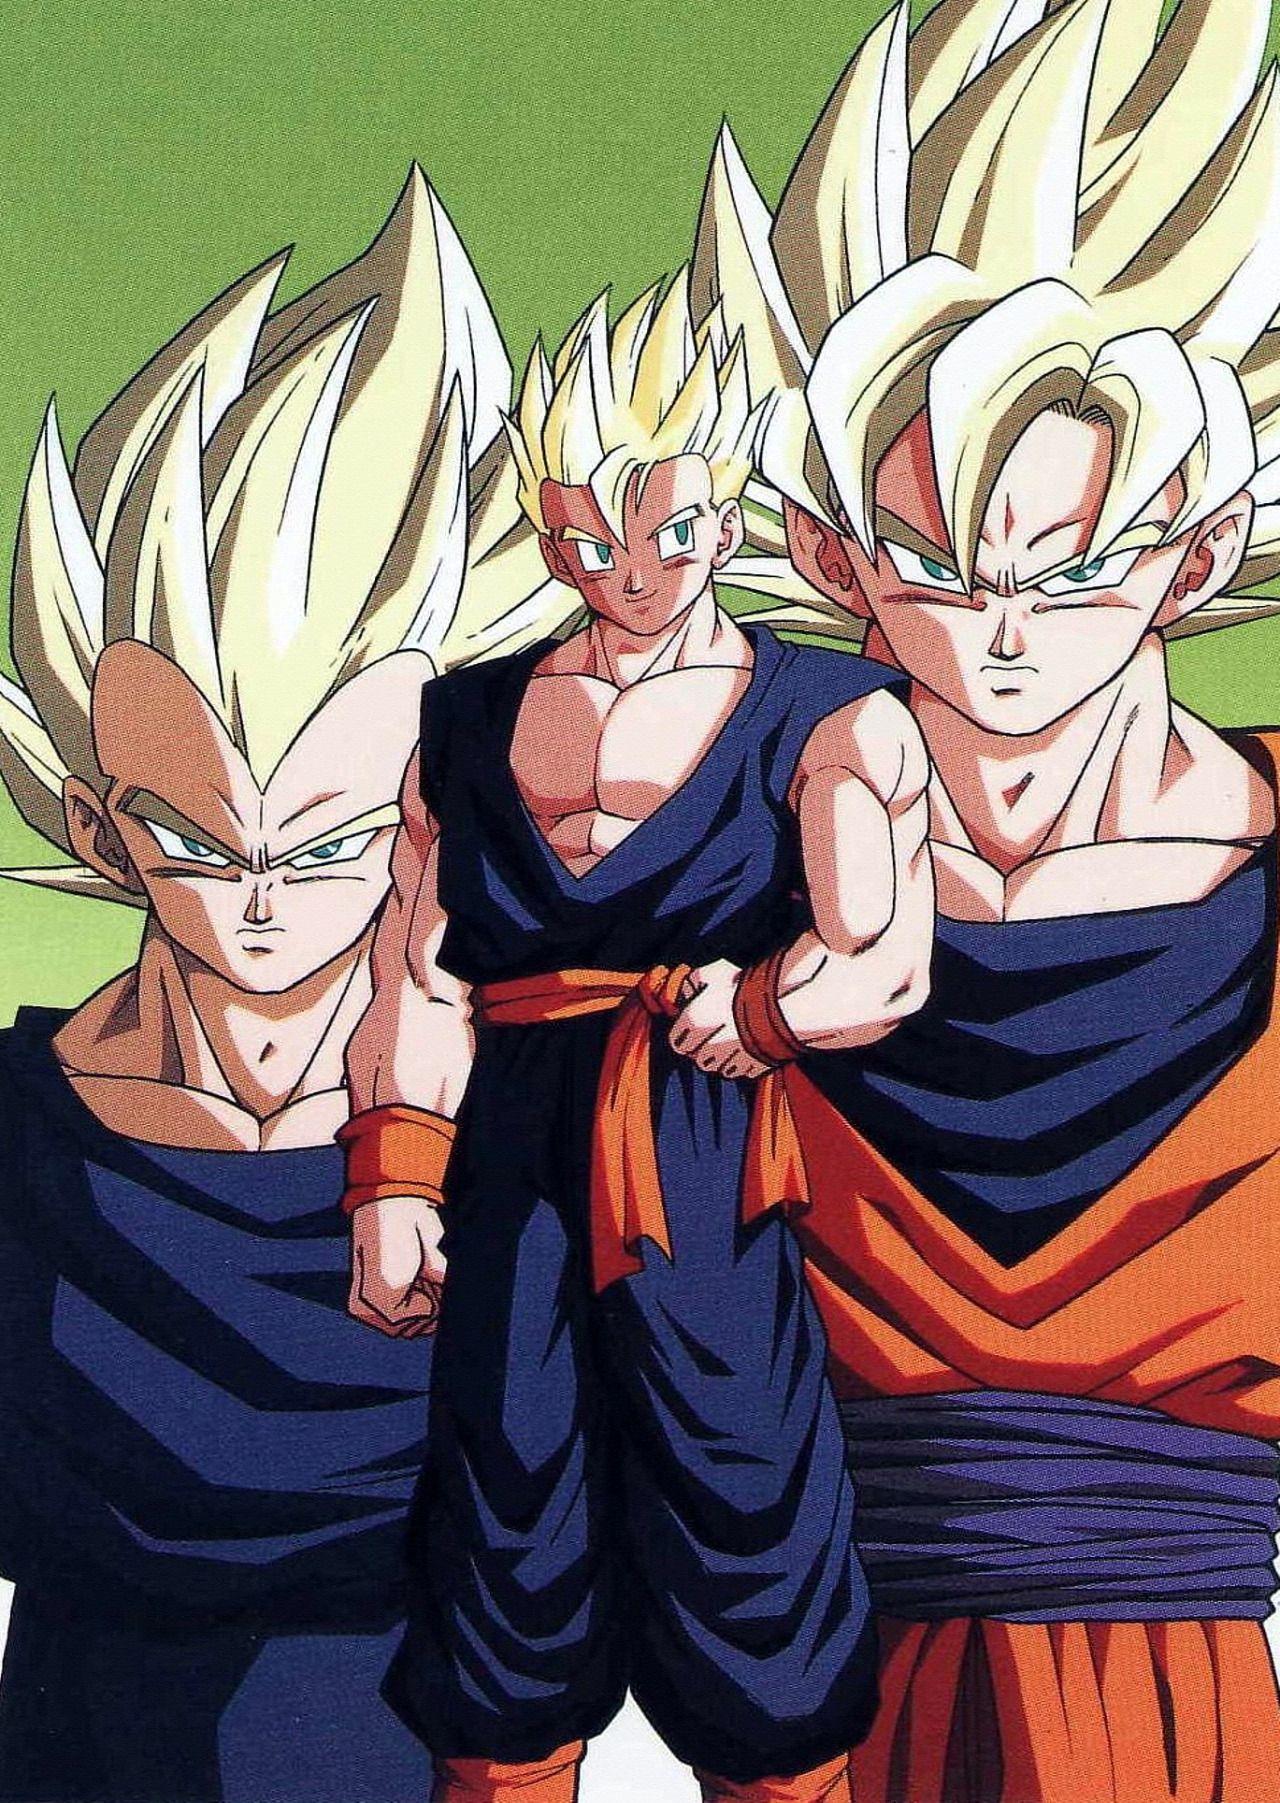 Super Saiyan Vegeta, Goku, and Gohan Anime Artwork